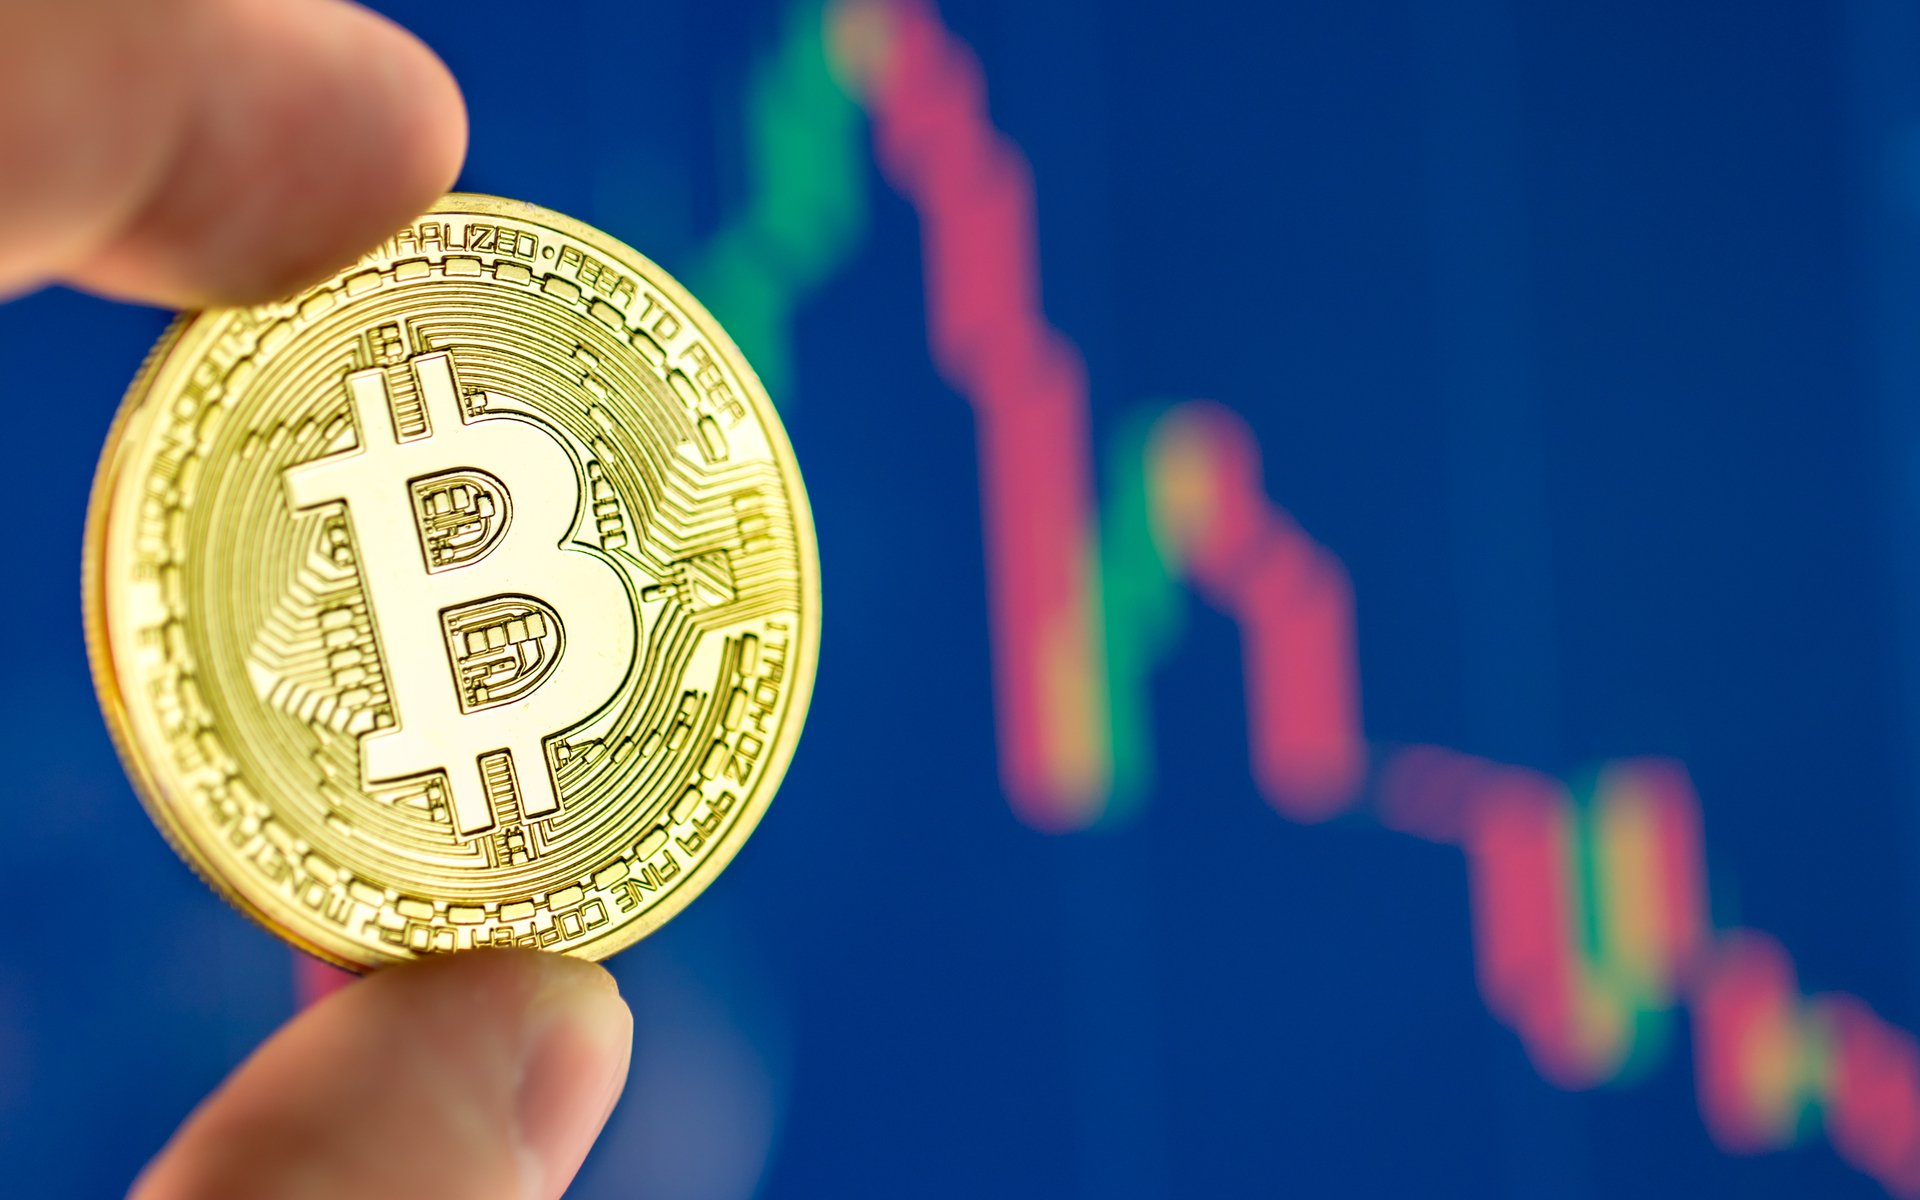 Bitcoin BTC Fiyatının Yakında 4.000 Dolara Düşebileceğini Gösteren Teknik İndikatörler